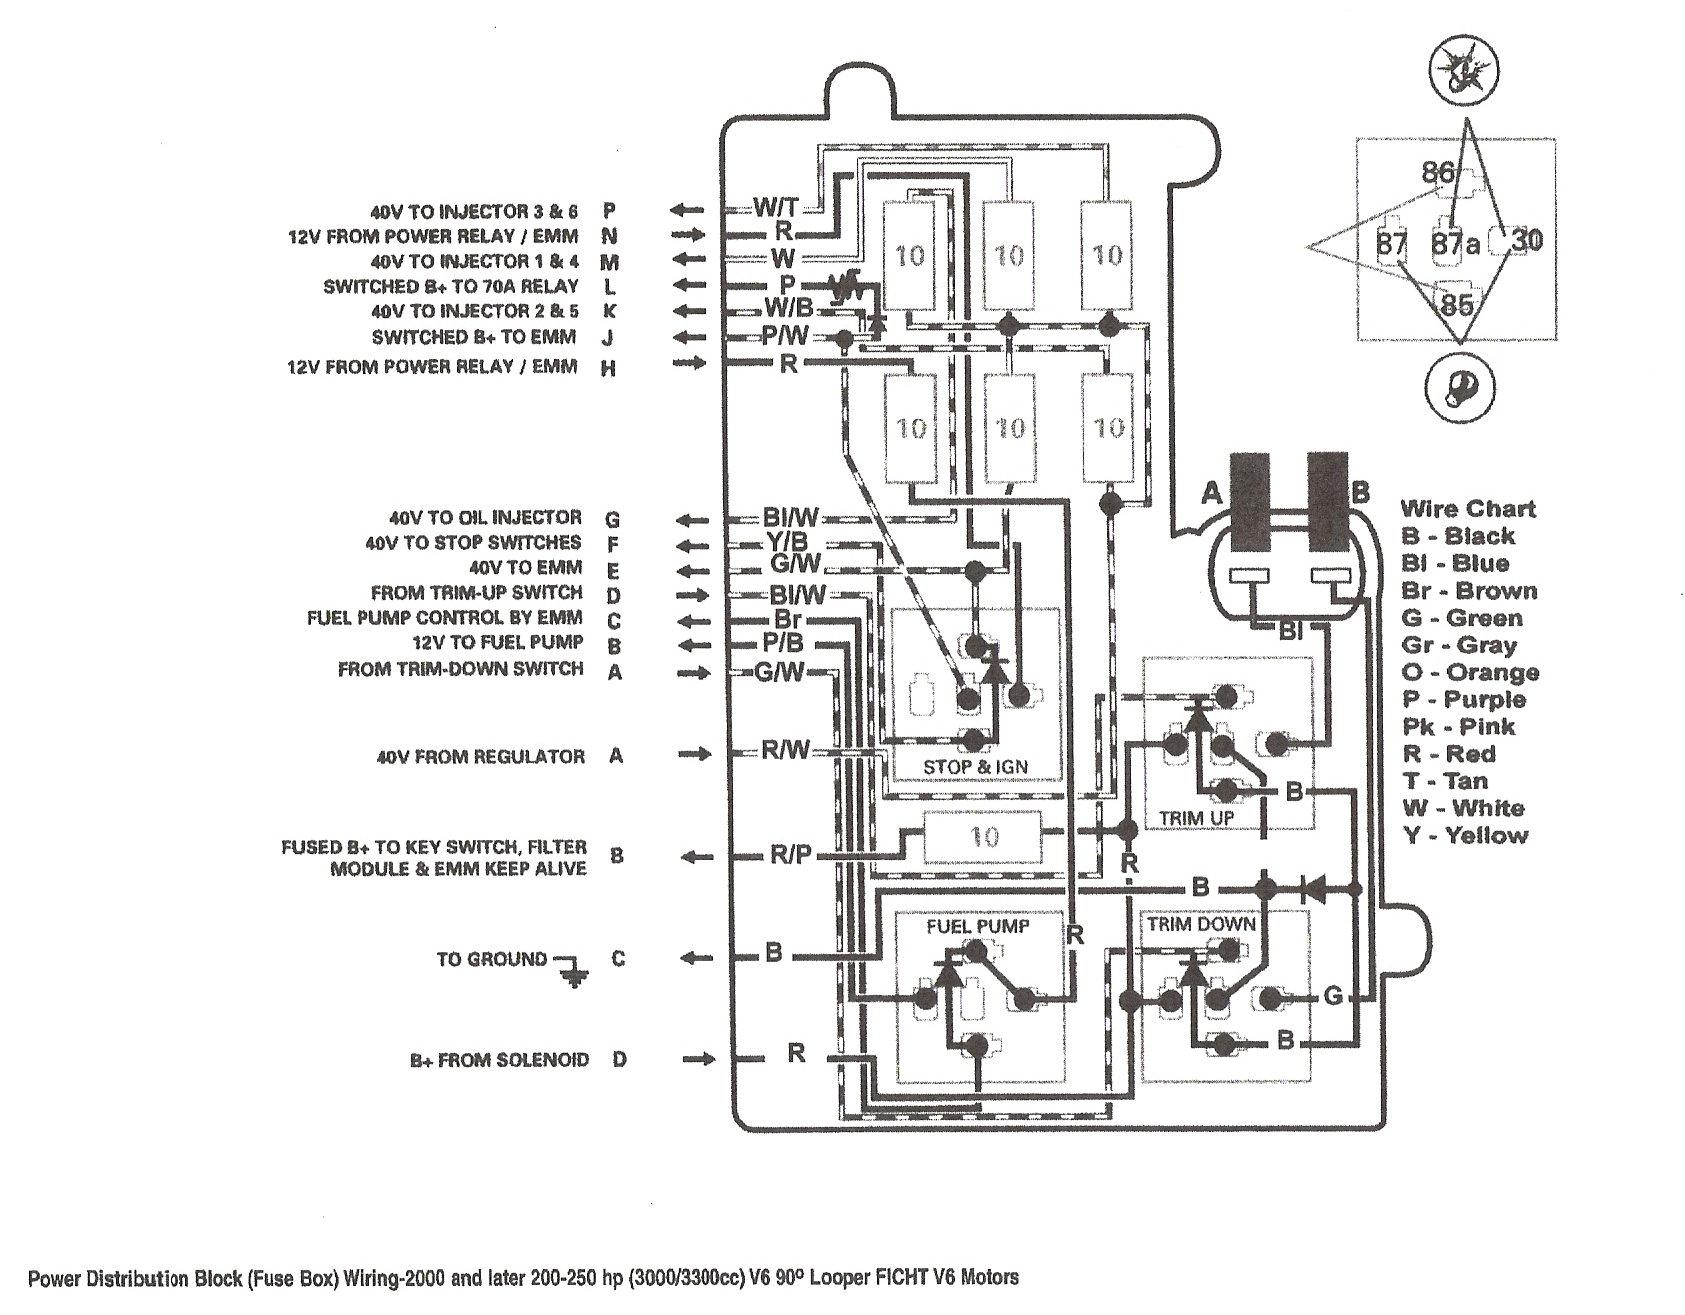 Wiring Diagram For Evinrude Etec Dash Gage